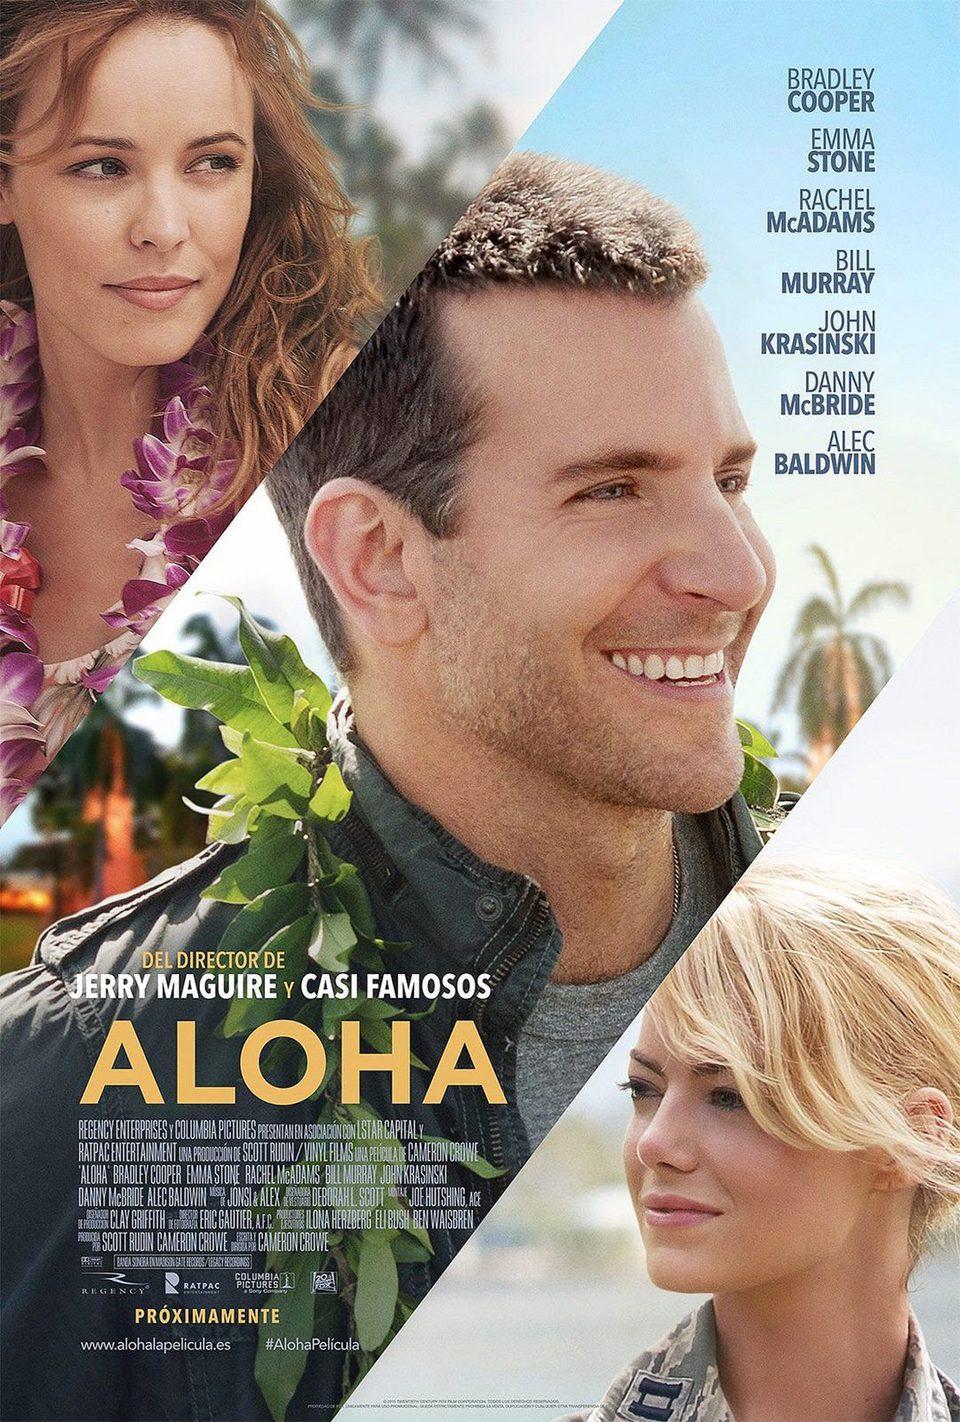 Cartel Aloha de 'Aloha'